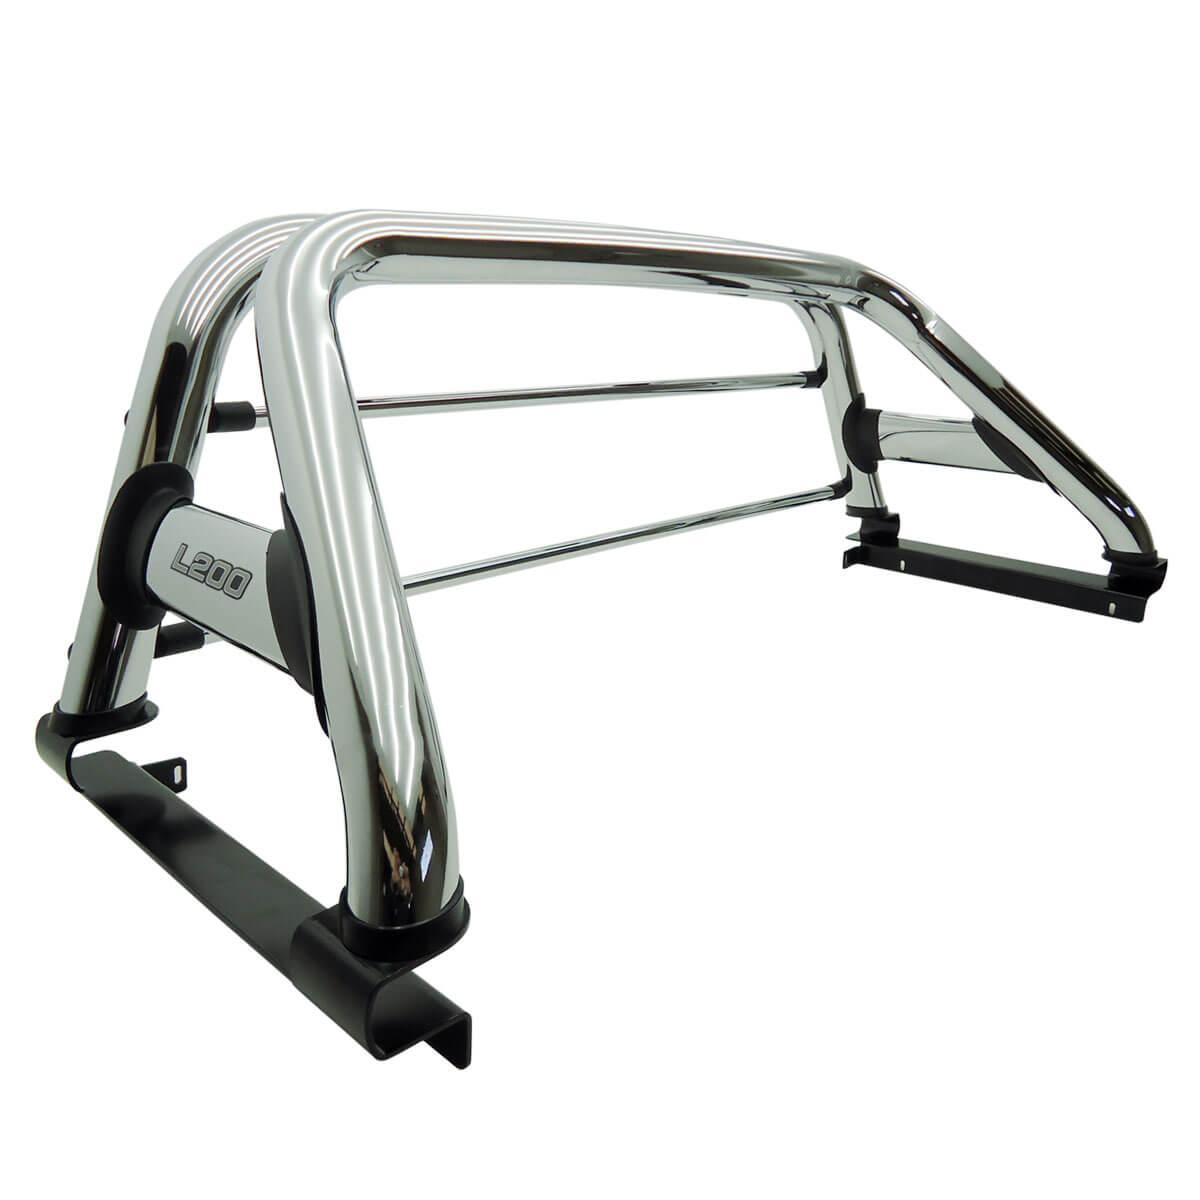 Santo antônio duplo cromado L200 GL 1999 a 2005 ou L200 GLS 1999 a 2007 com barras de vidro cromadas